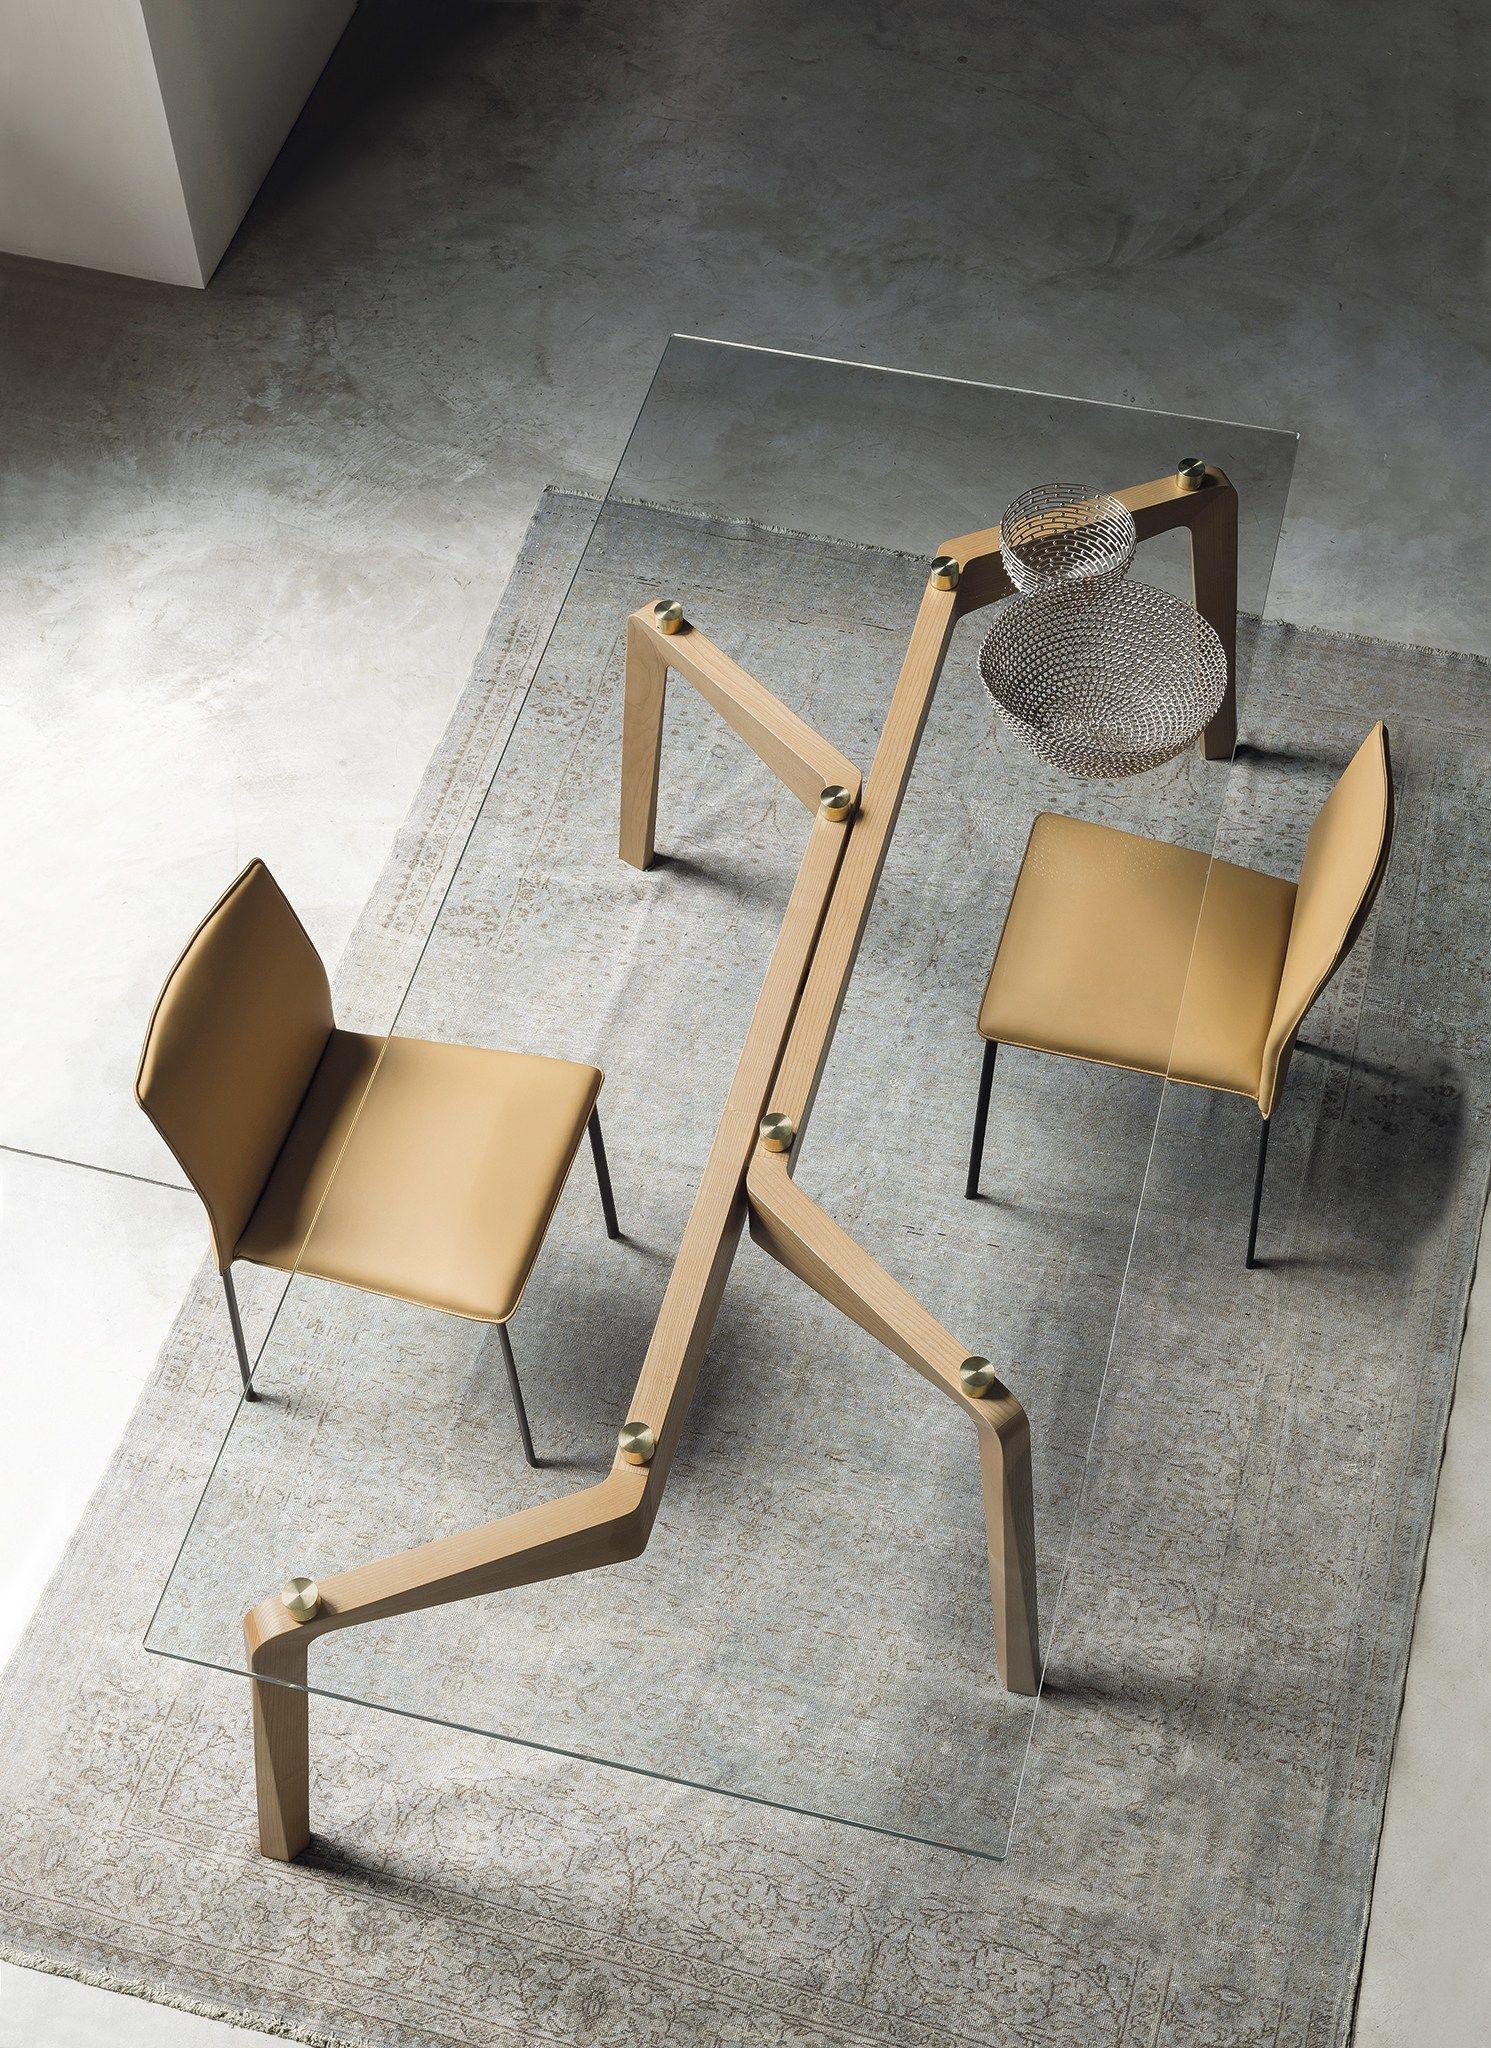 Glide tavolo rettangolare by riflessi design egidio panzera for Tejas dining room at t conference center